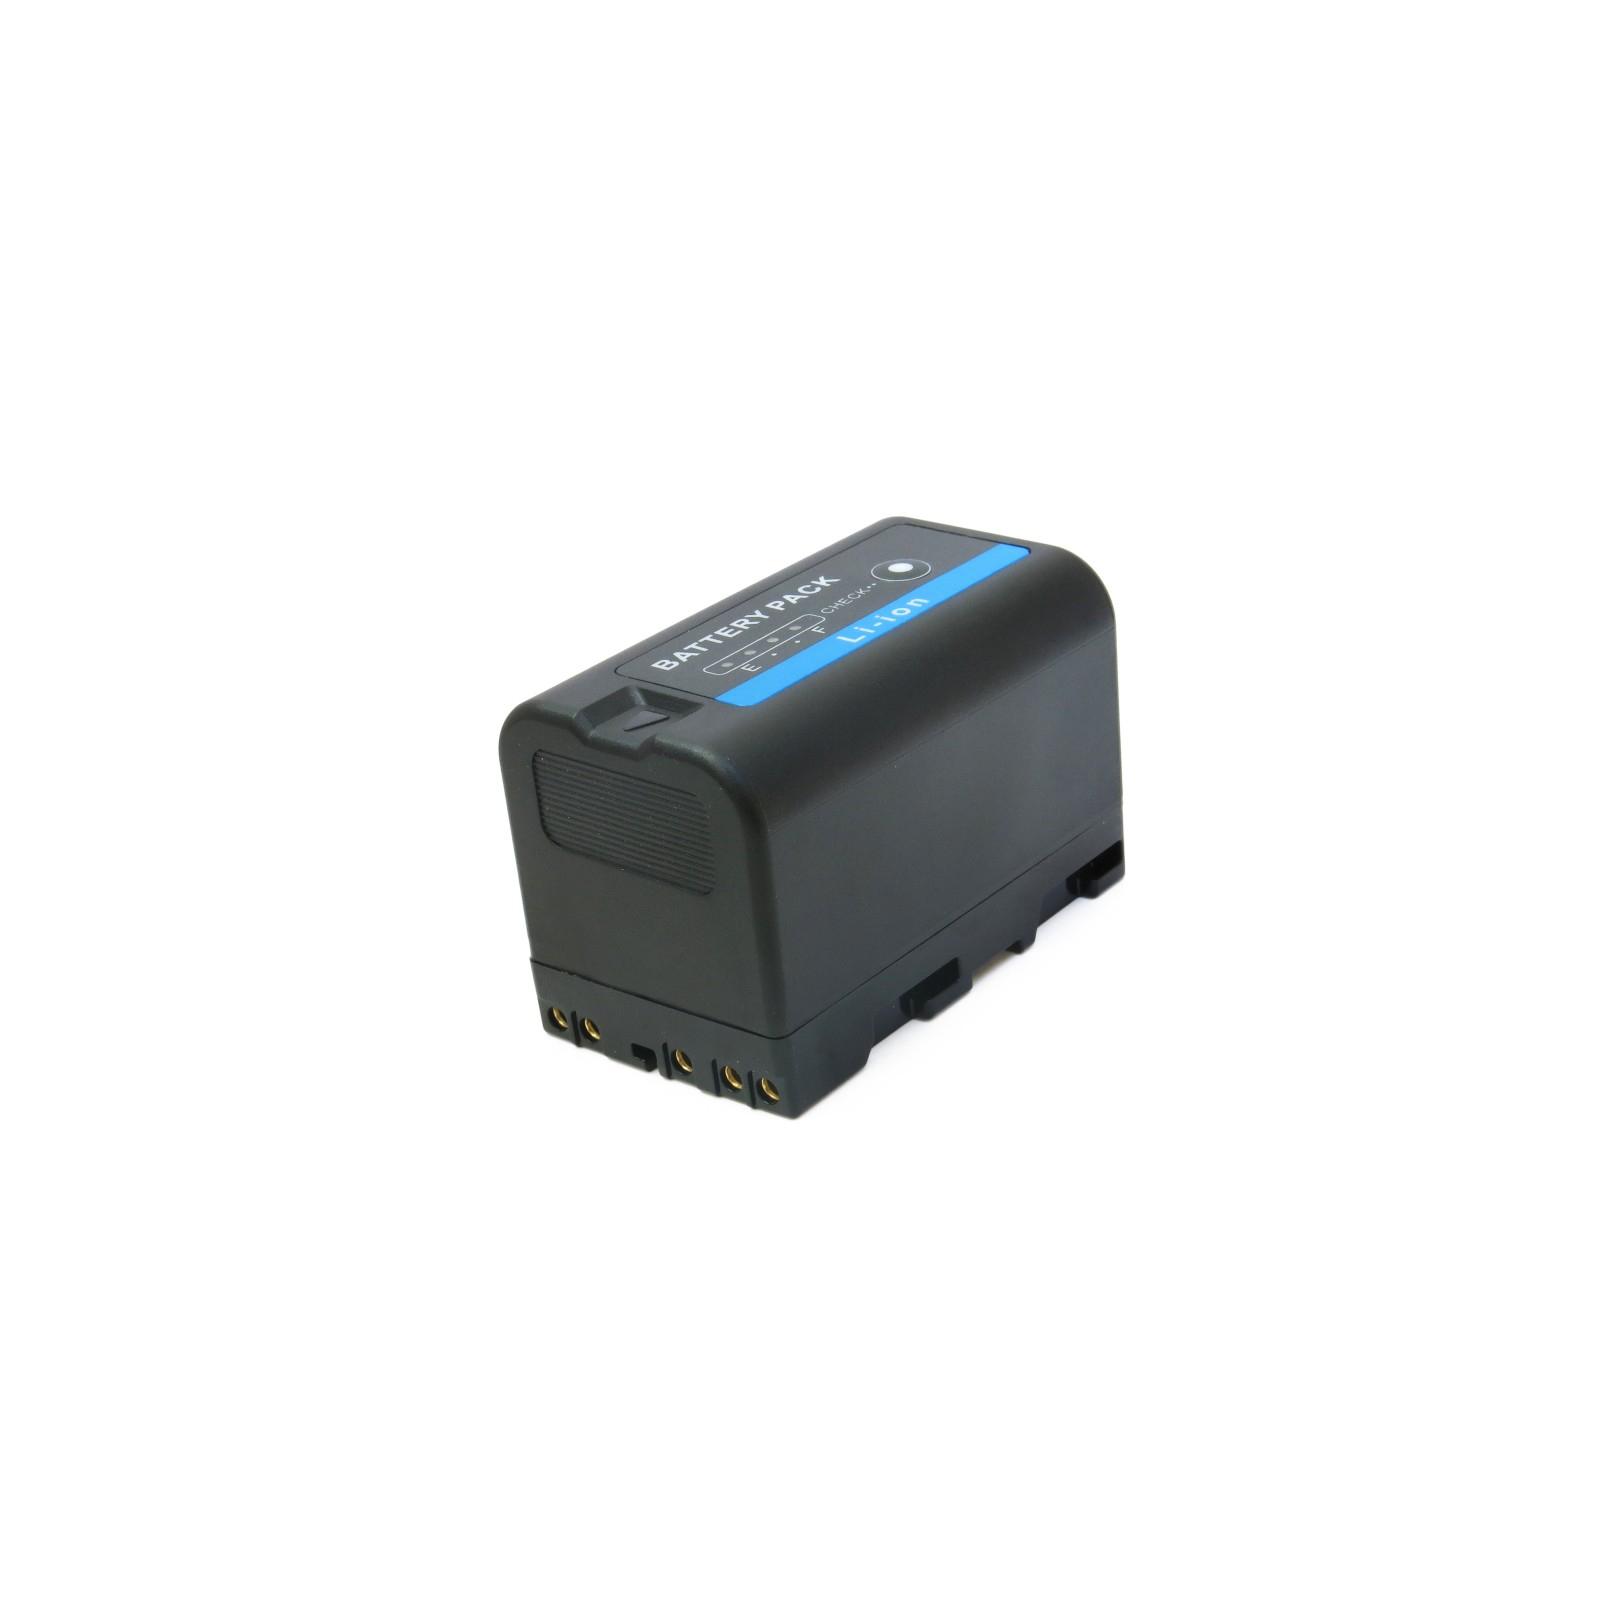 Аккумулятор к фото/видео EXTRADIGITAL Sony BP-U30 (DV00DV1389) изображение 3